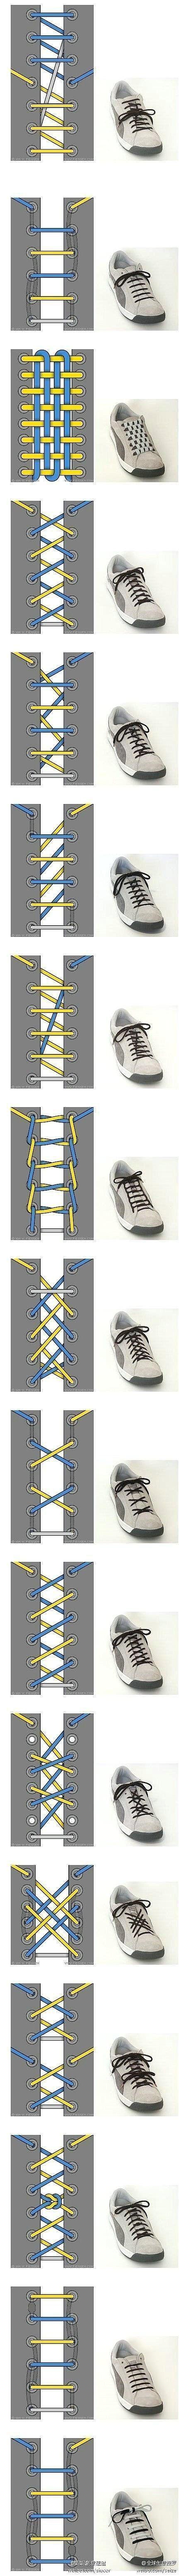 17 shoelaces ideas